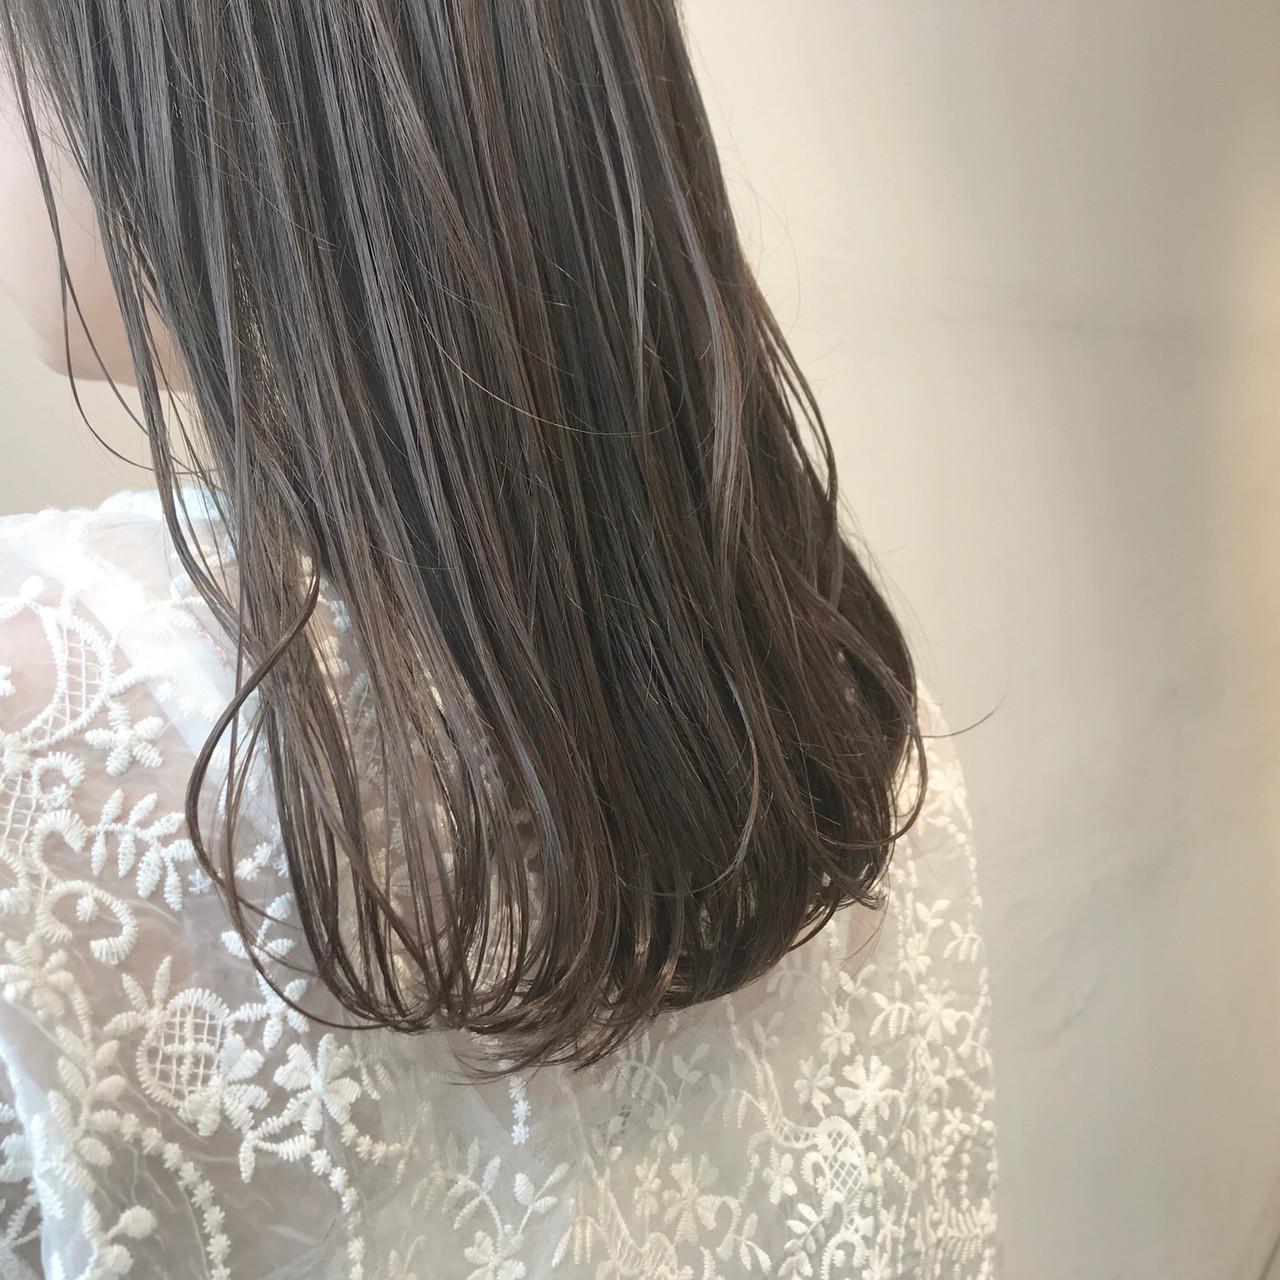 オリーブベージュ 透明感カラー ブリーチ無し ナチュラル ヘアスタイルや髪型の写真・画像 | 村西 郁人 / rue